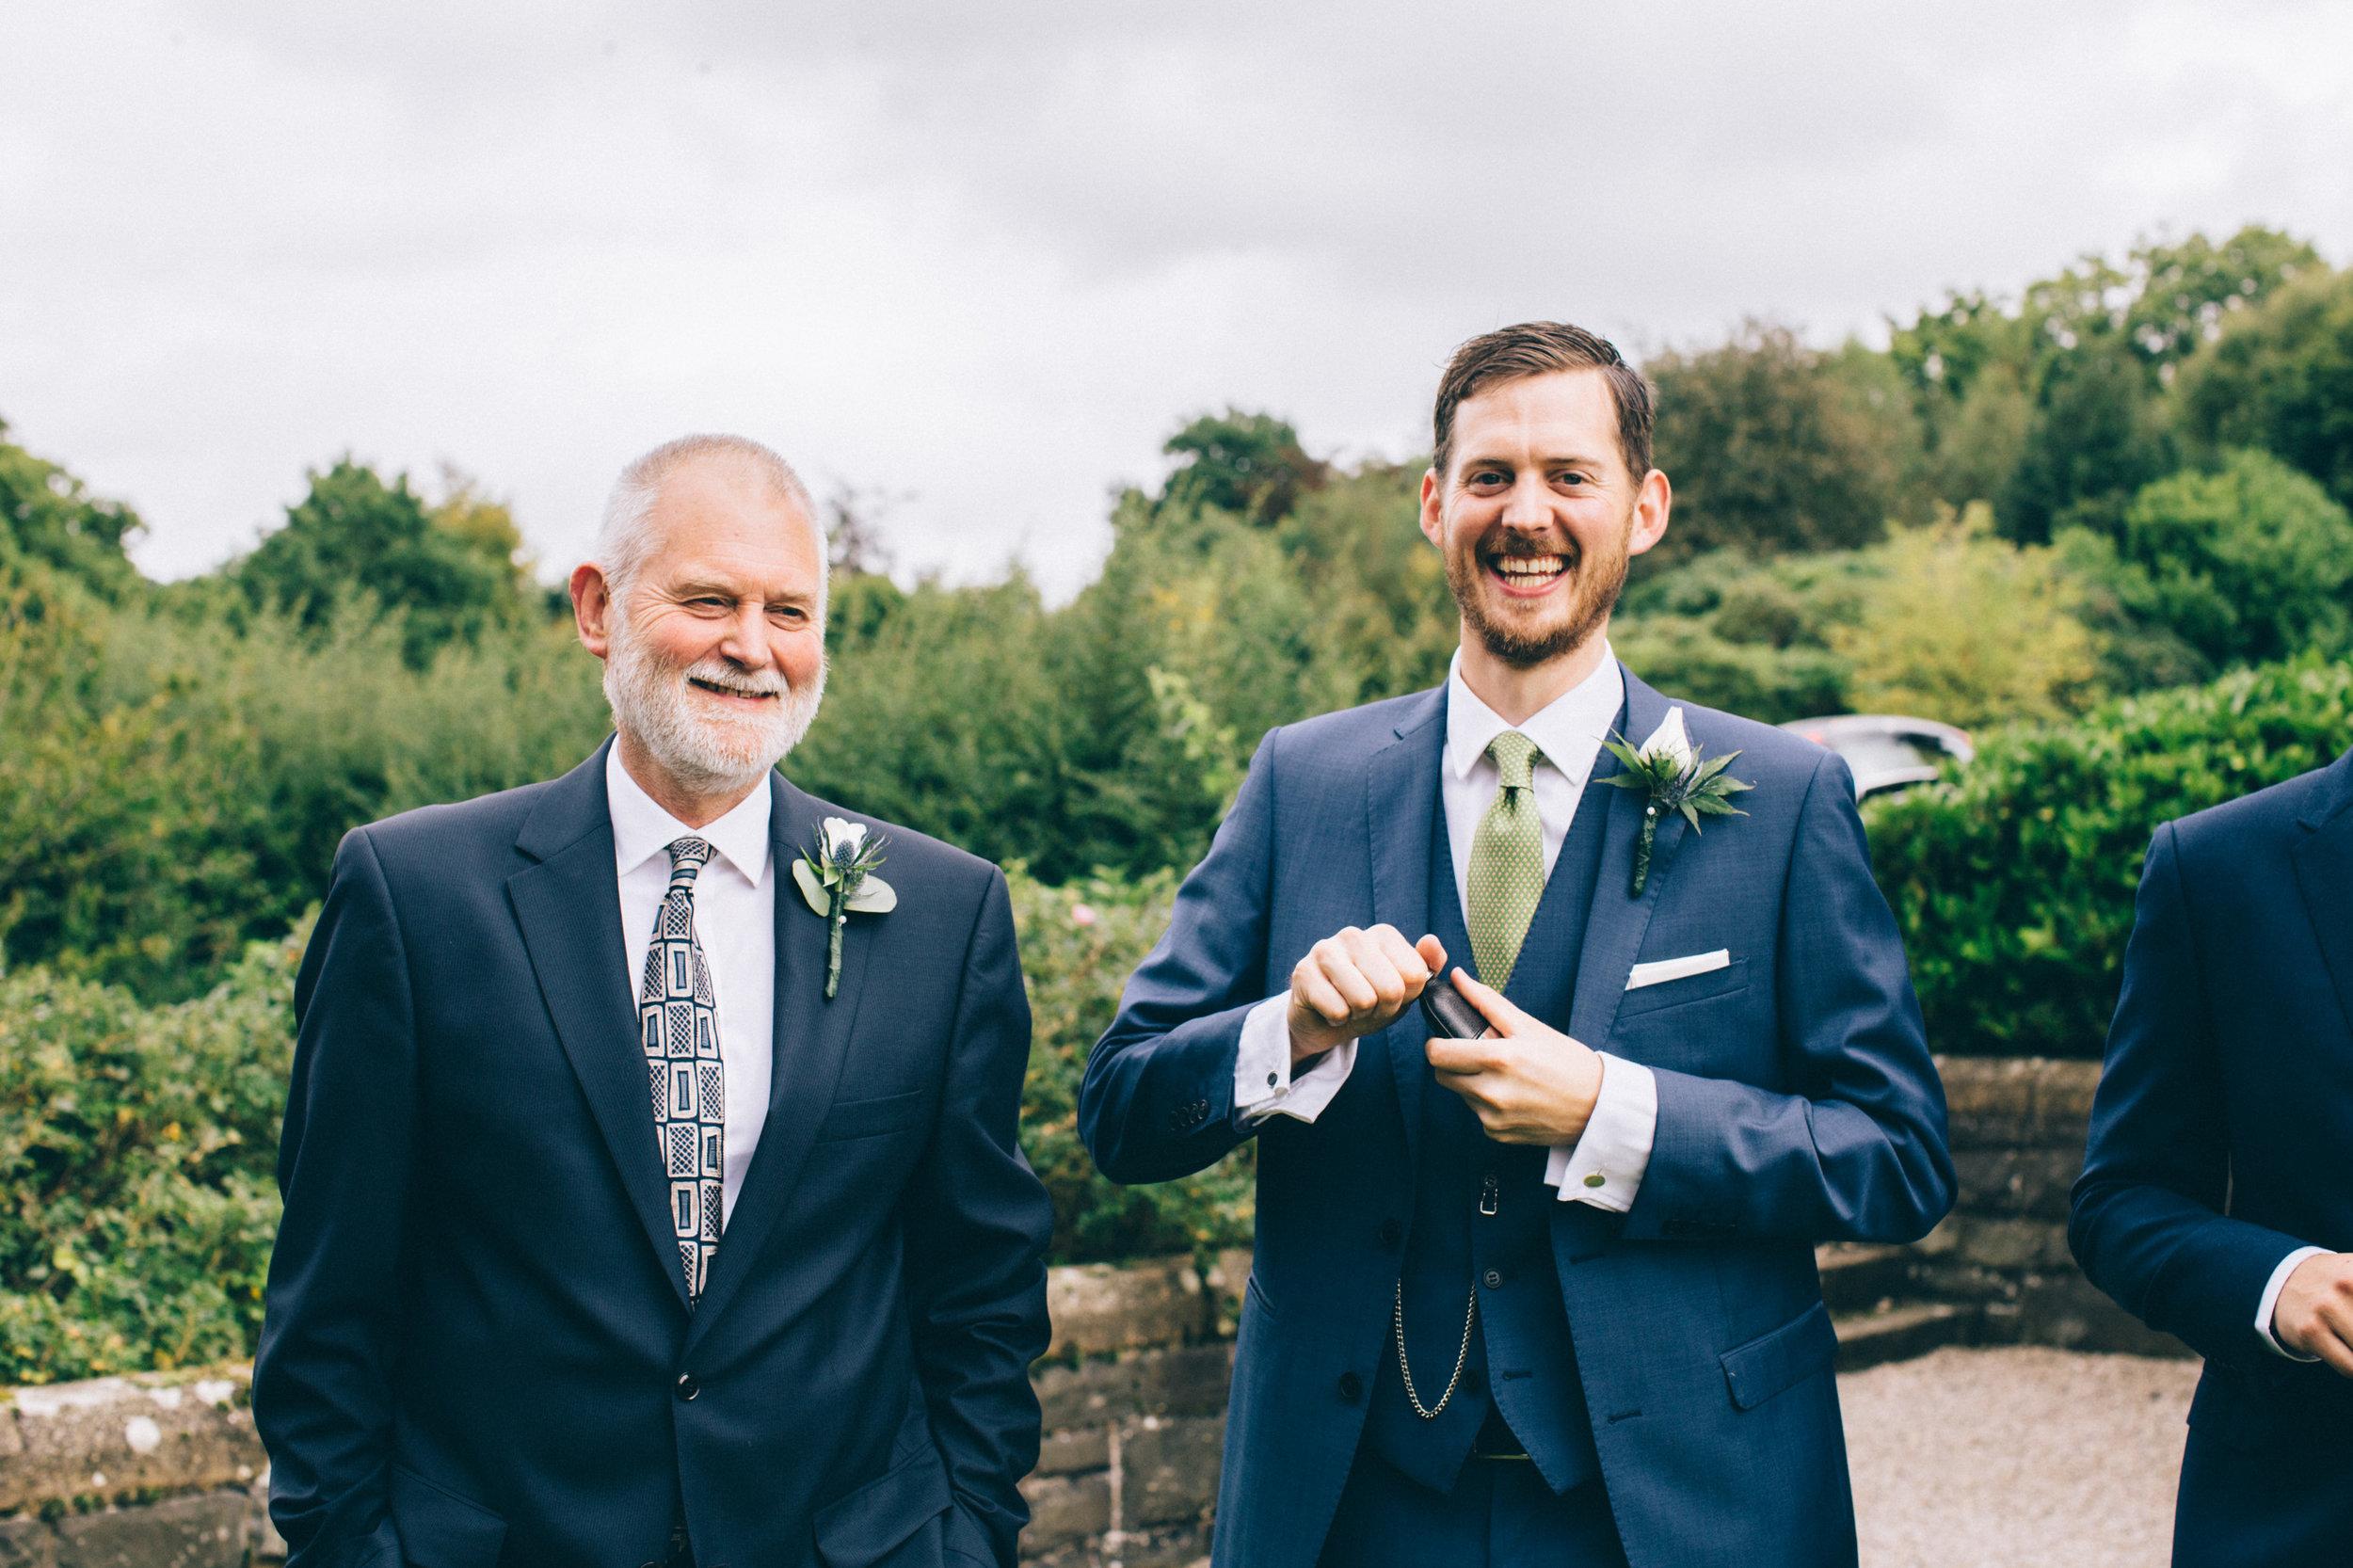 uk wedding photographer artistic wedding photography-29.jpg